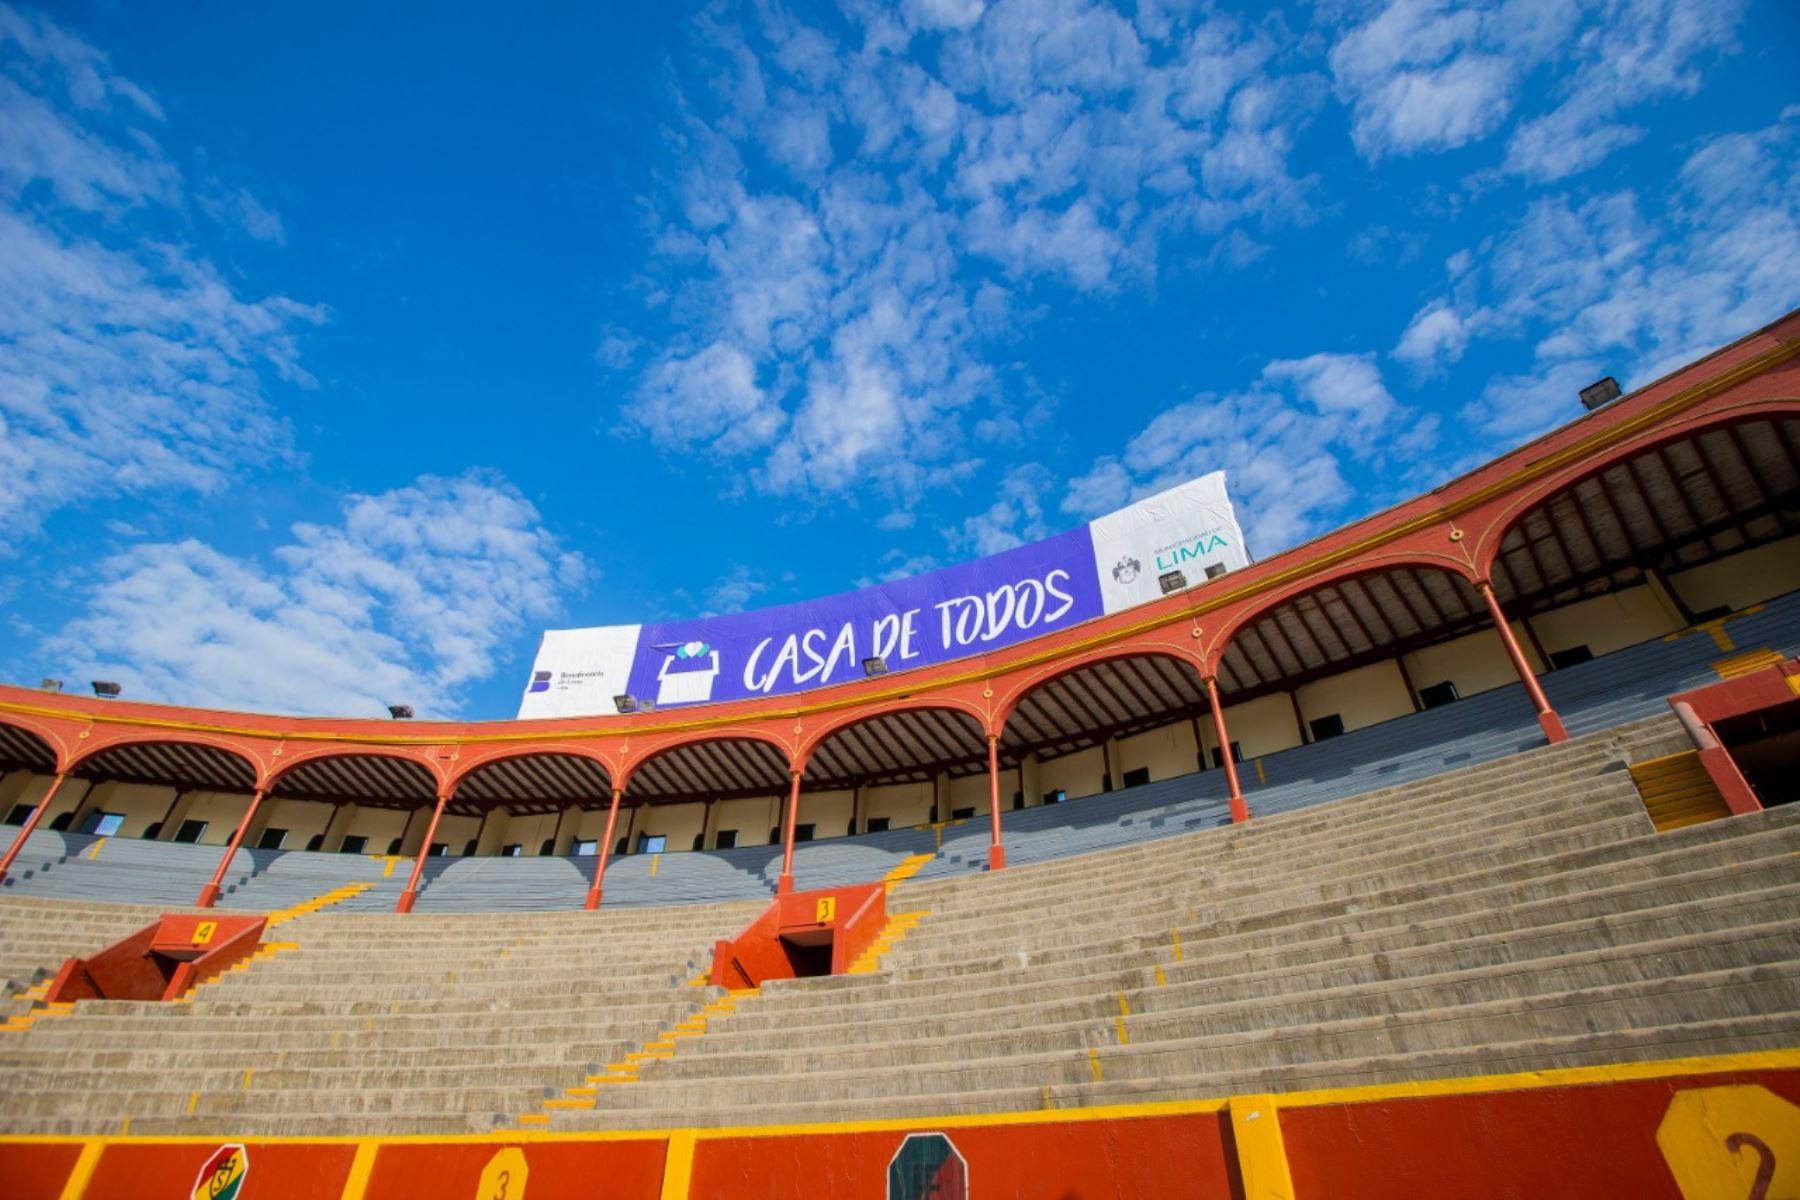 Hace 100 días, junto a la Beneficencia de Lima, el albergue la Casa de Todos abrió sus puertas para proteger y dar cobijo a personas en situación de calle, vulnerables al contagio de COVID-19.  Hombres y mujeres han encontrado en este lugar, su nuevo hogar. Foto: ANDINA/Municipalidad de Lima